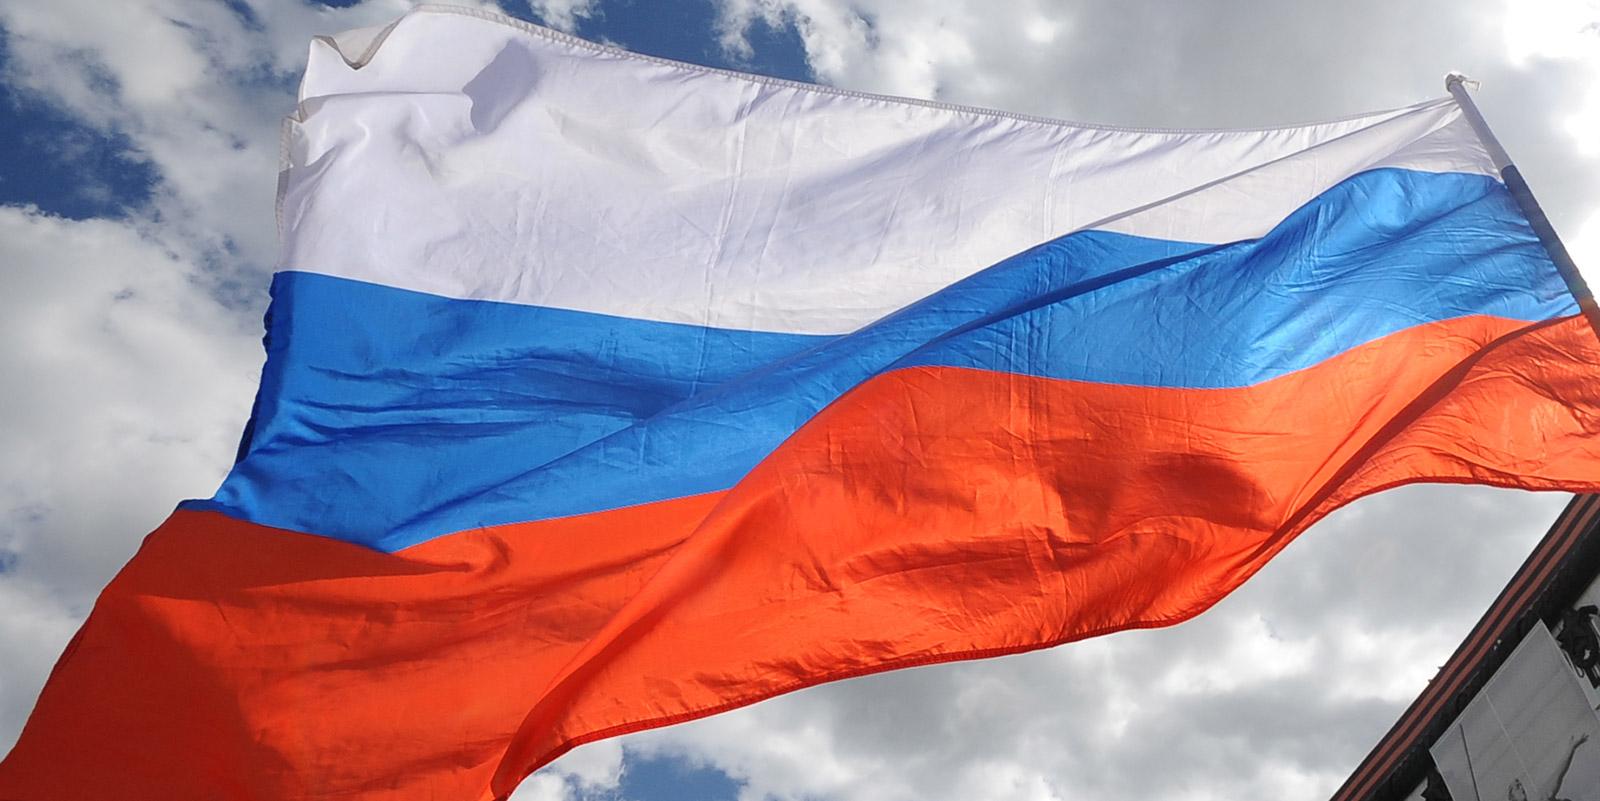 От пейзажей Северного Урала и Океании до космических полетов: как провести День России дома